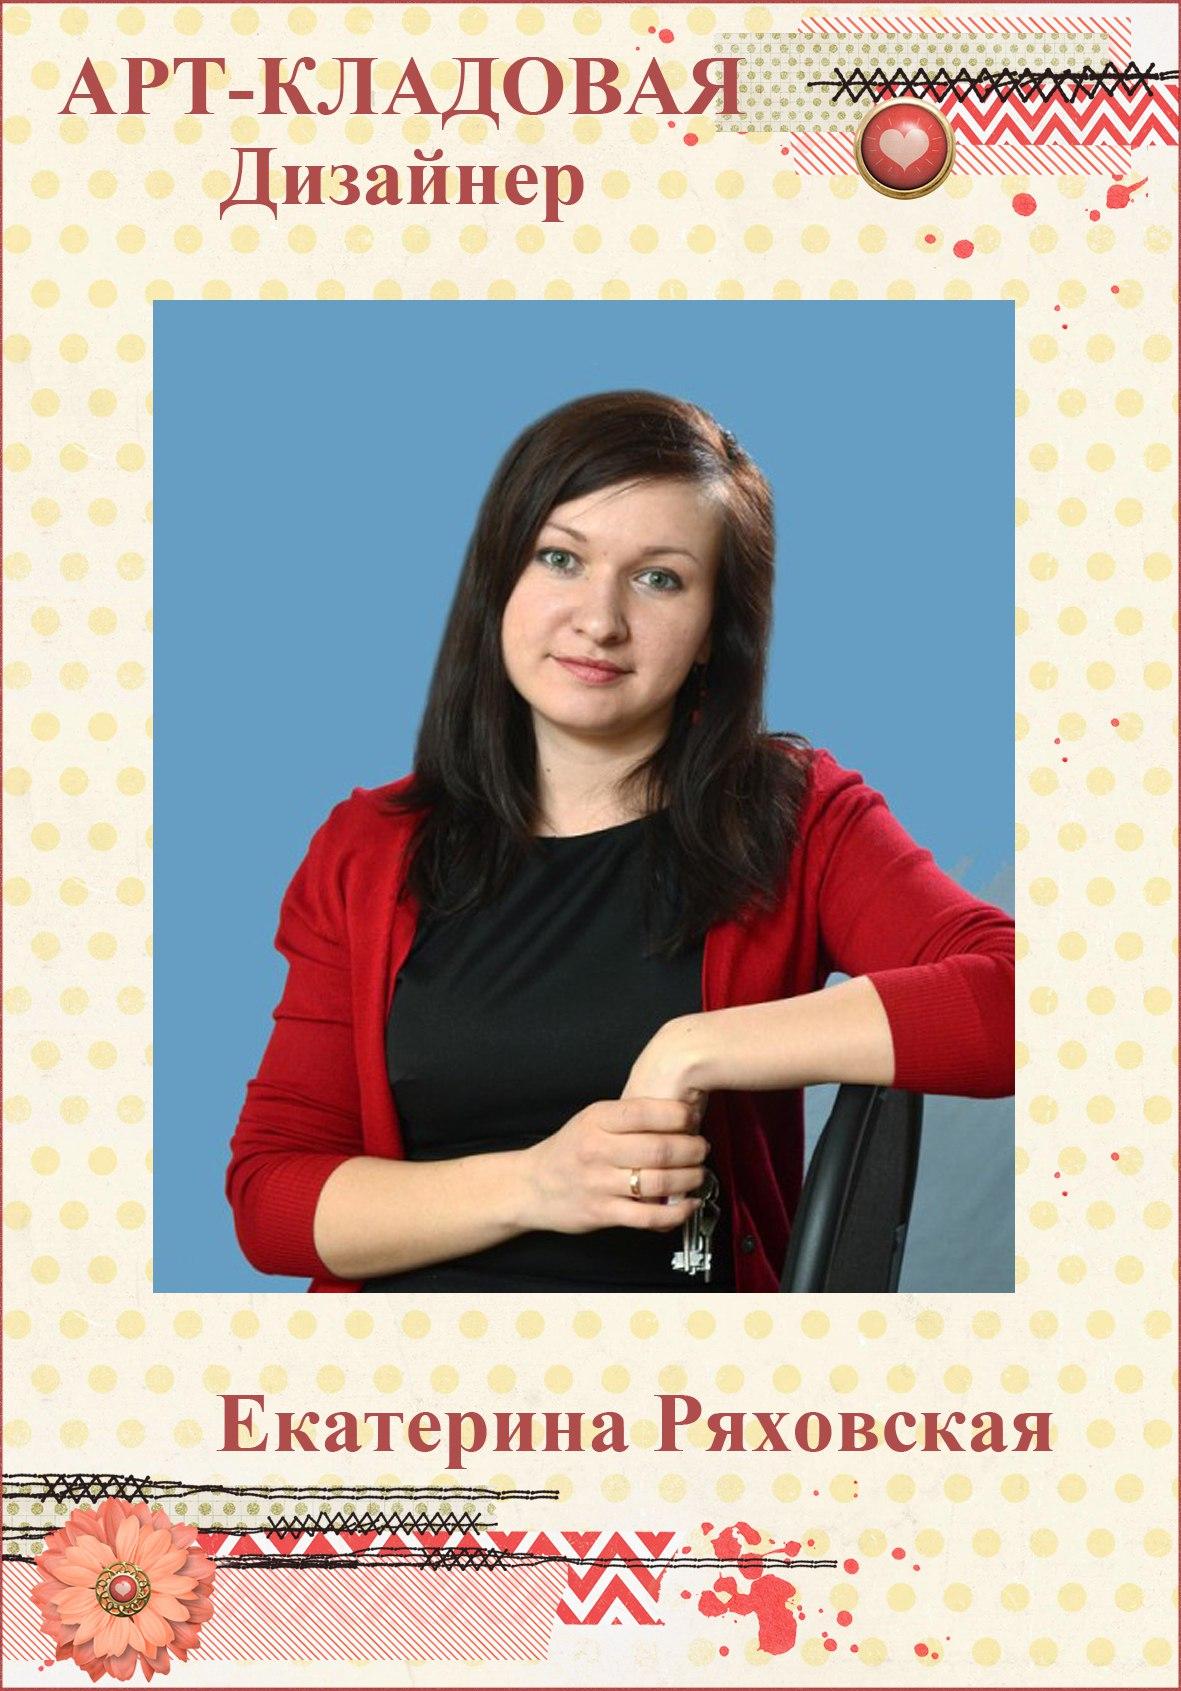 Екатерина Ряховская